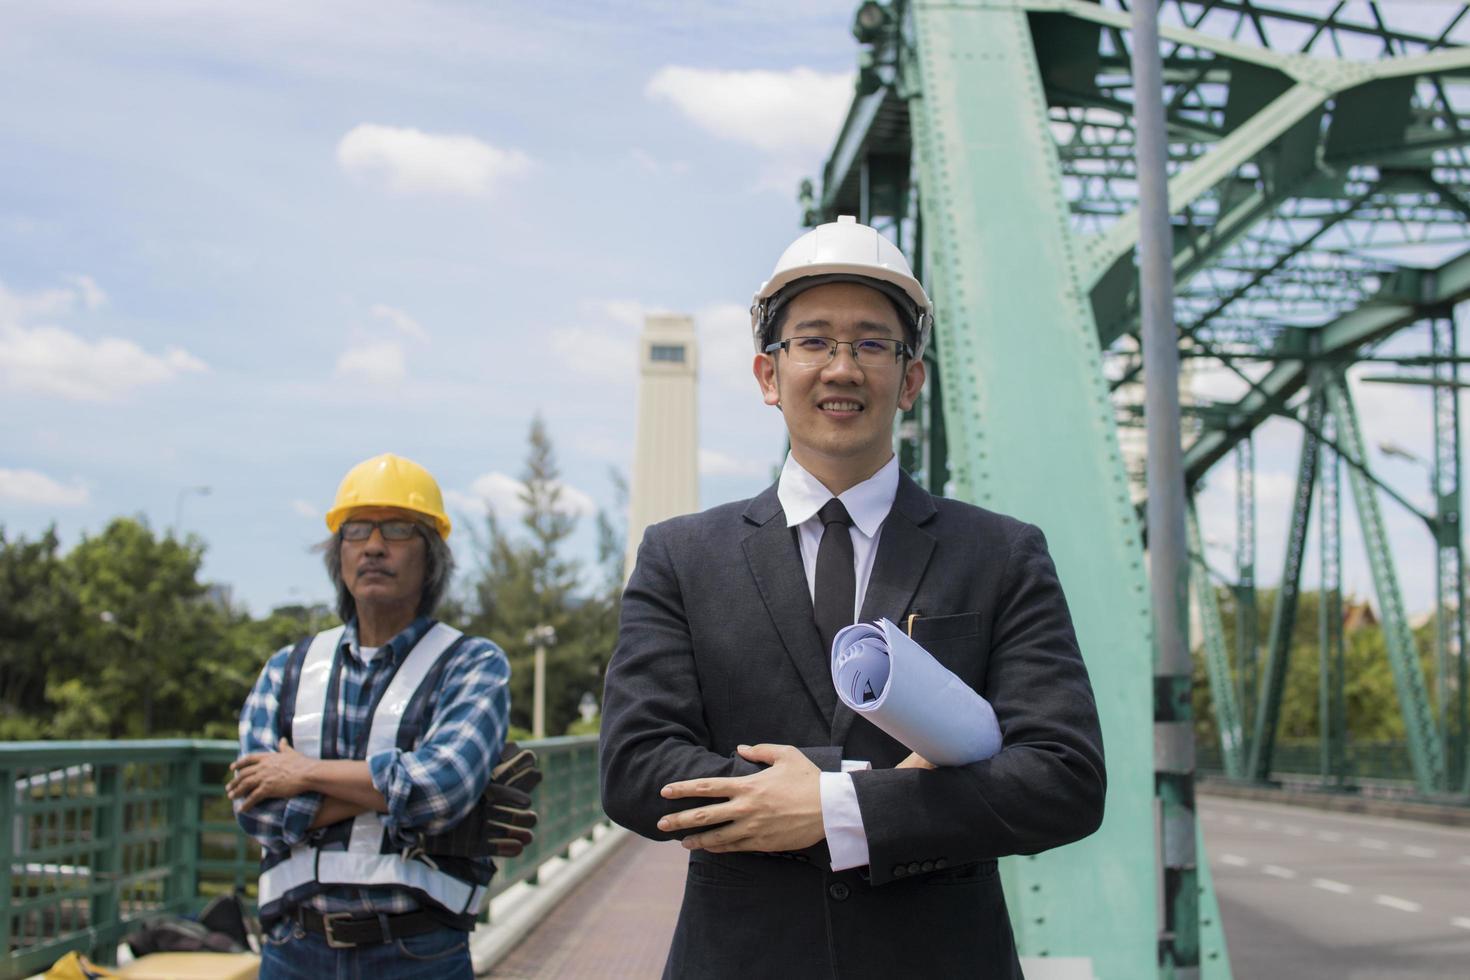 Ingenieur und Vorarbeiter stehen auf der Brücke foto